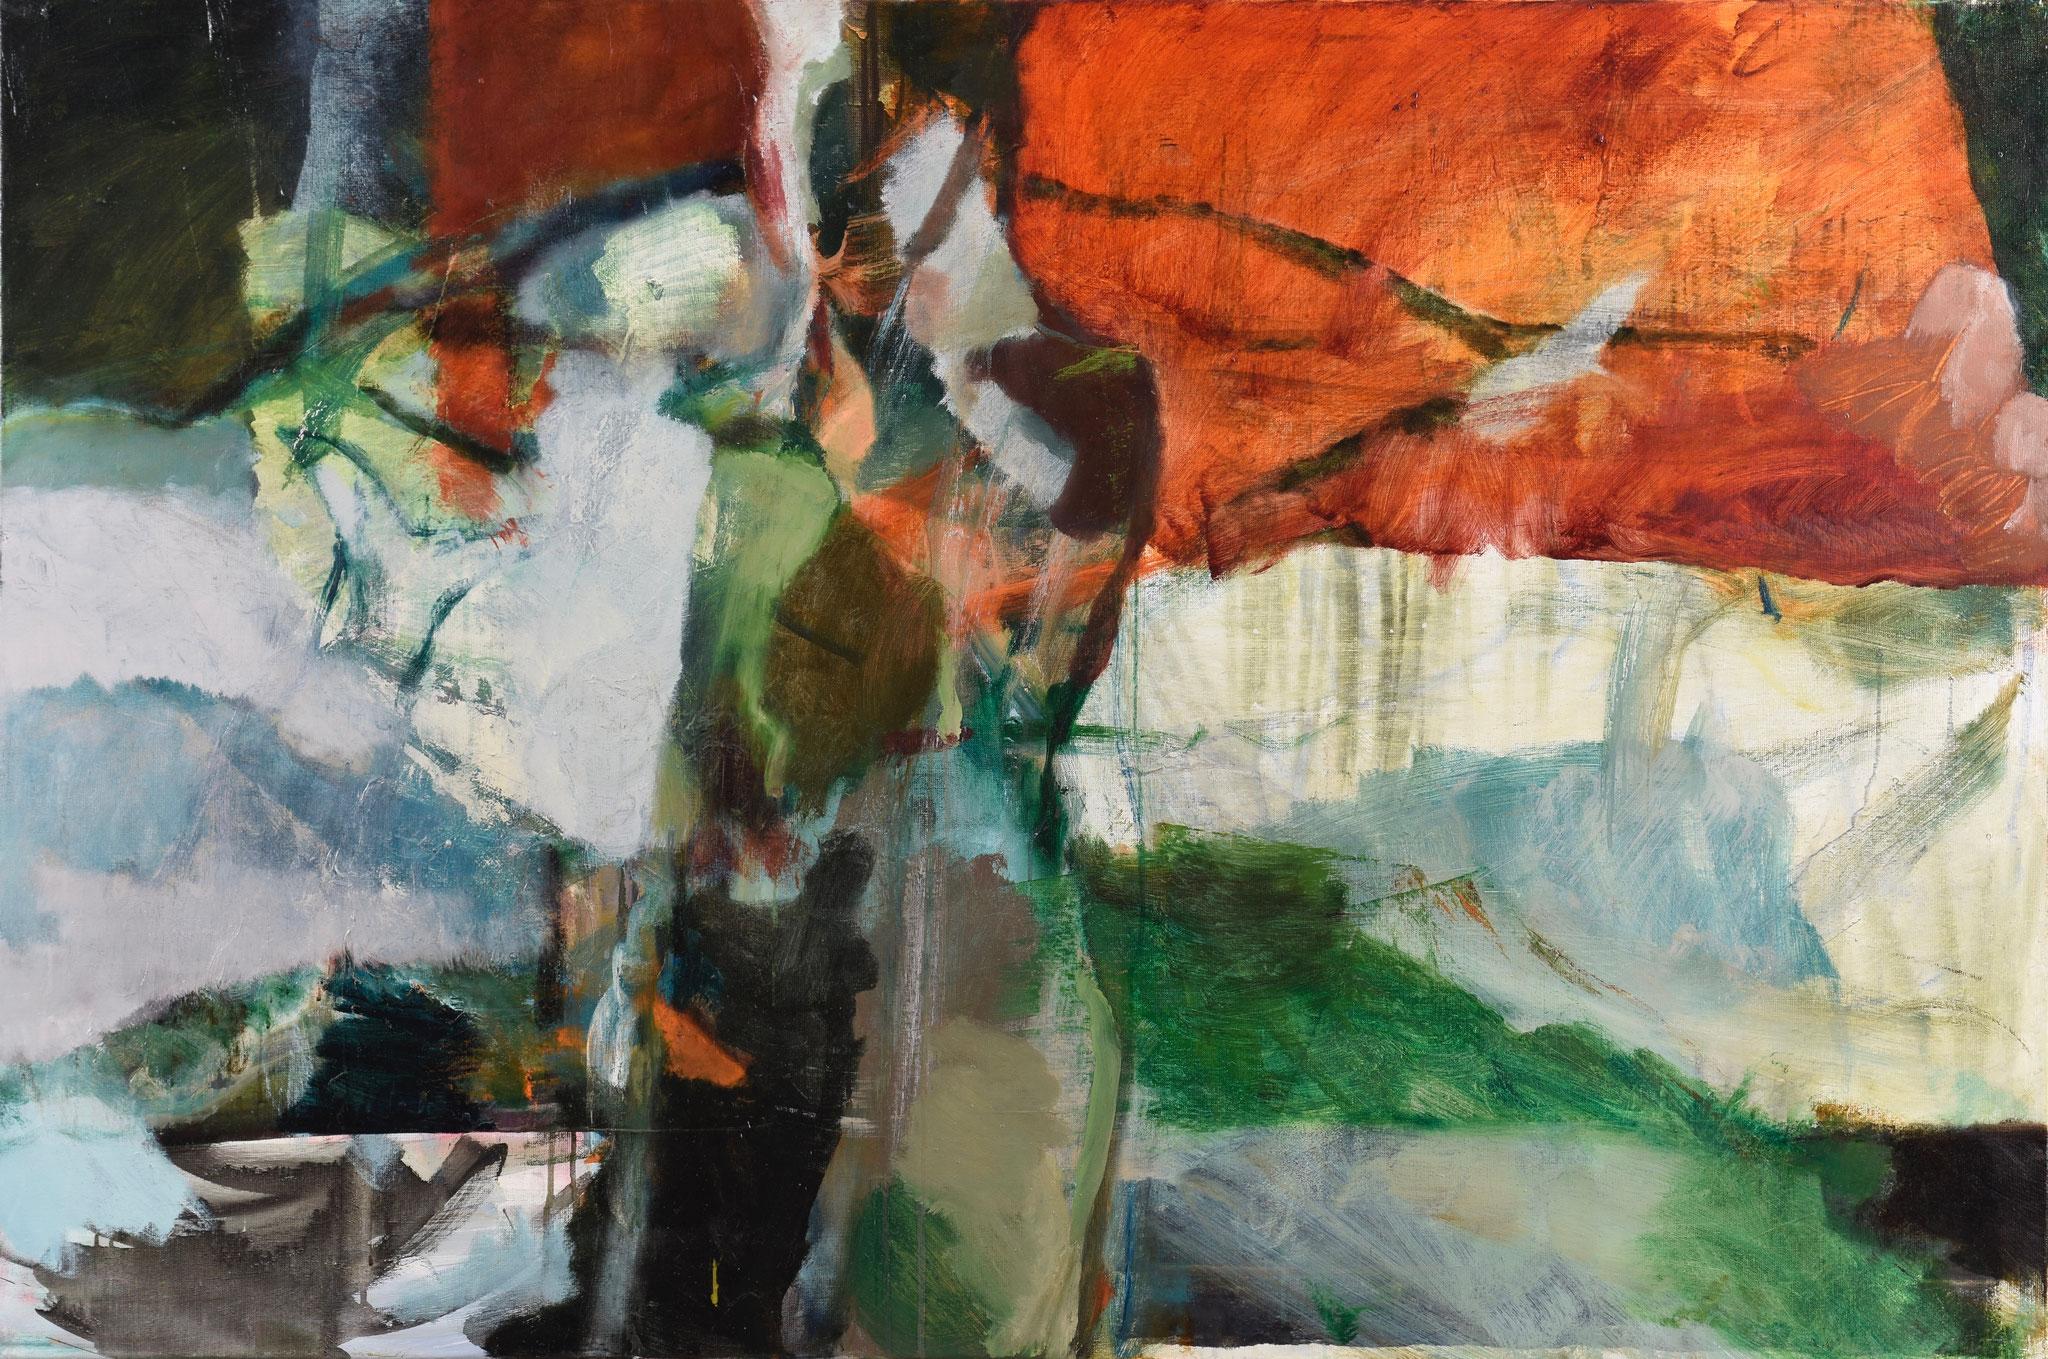 85  |  Ohne Titel  |  2020  |  Öl auf Leinwand  |  100 x 150 cm